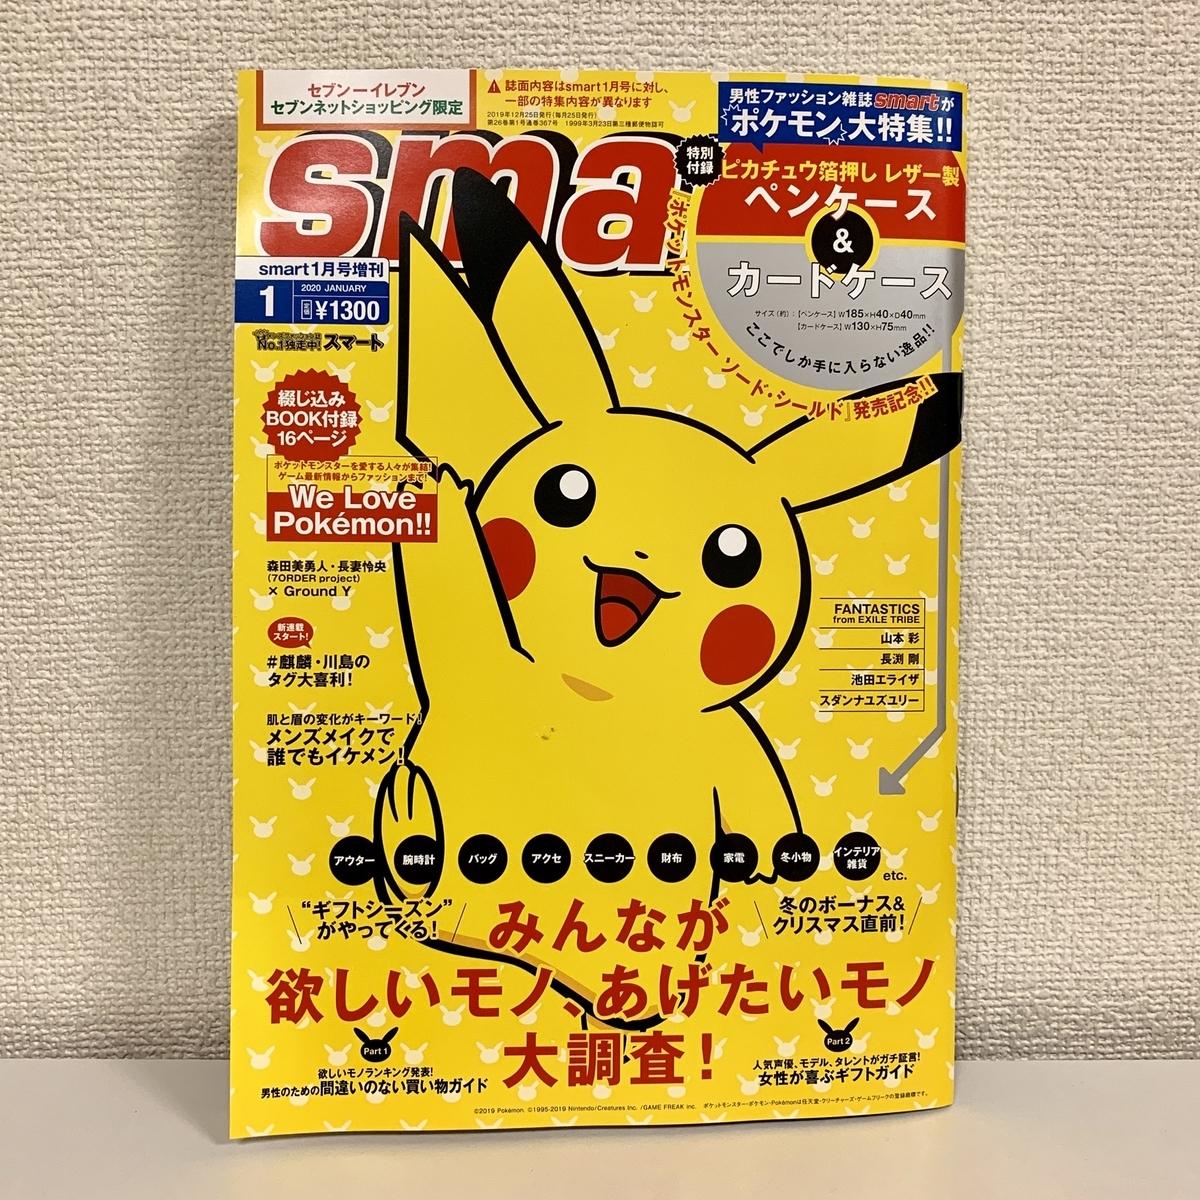 f:id:pikachu_pcn:20191125210252j:plain